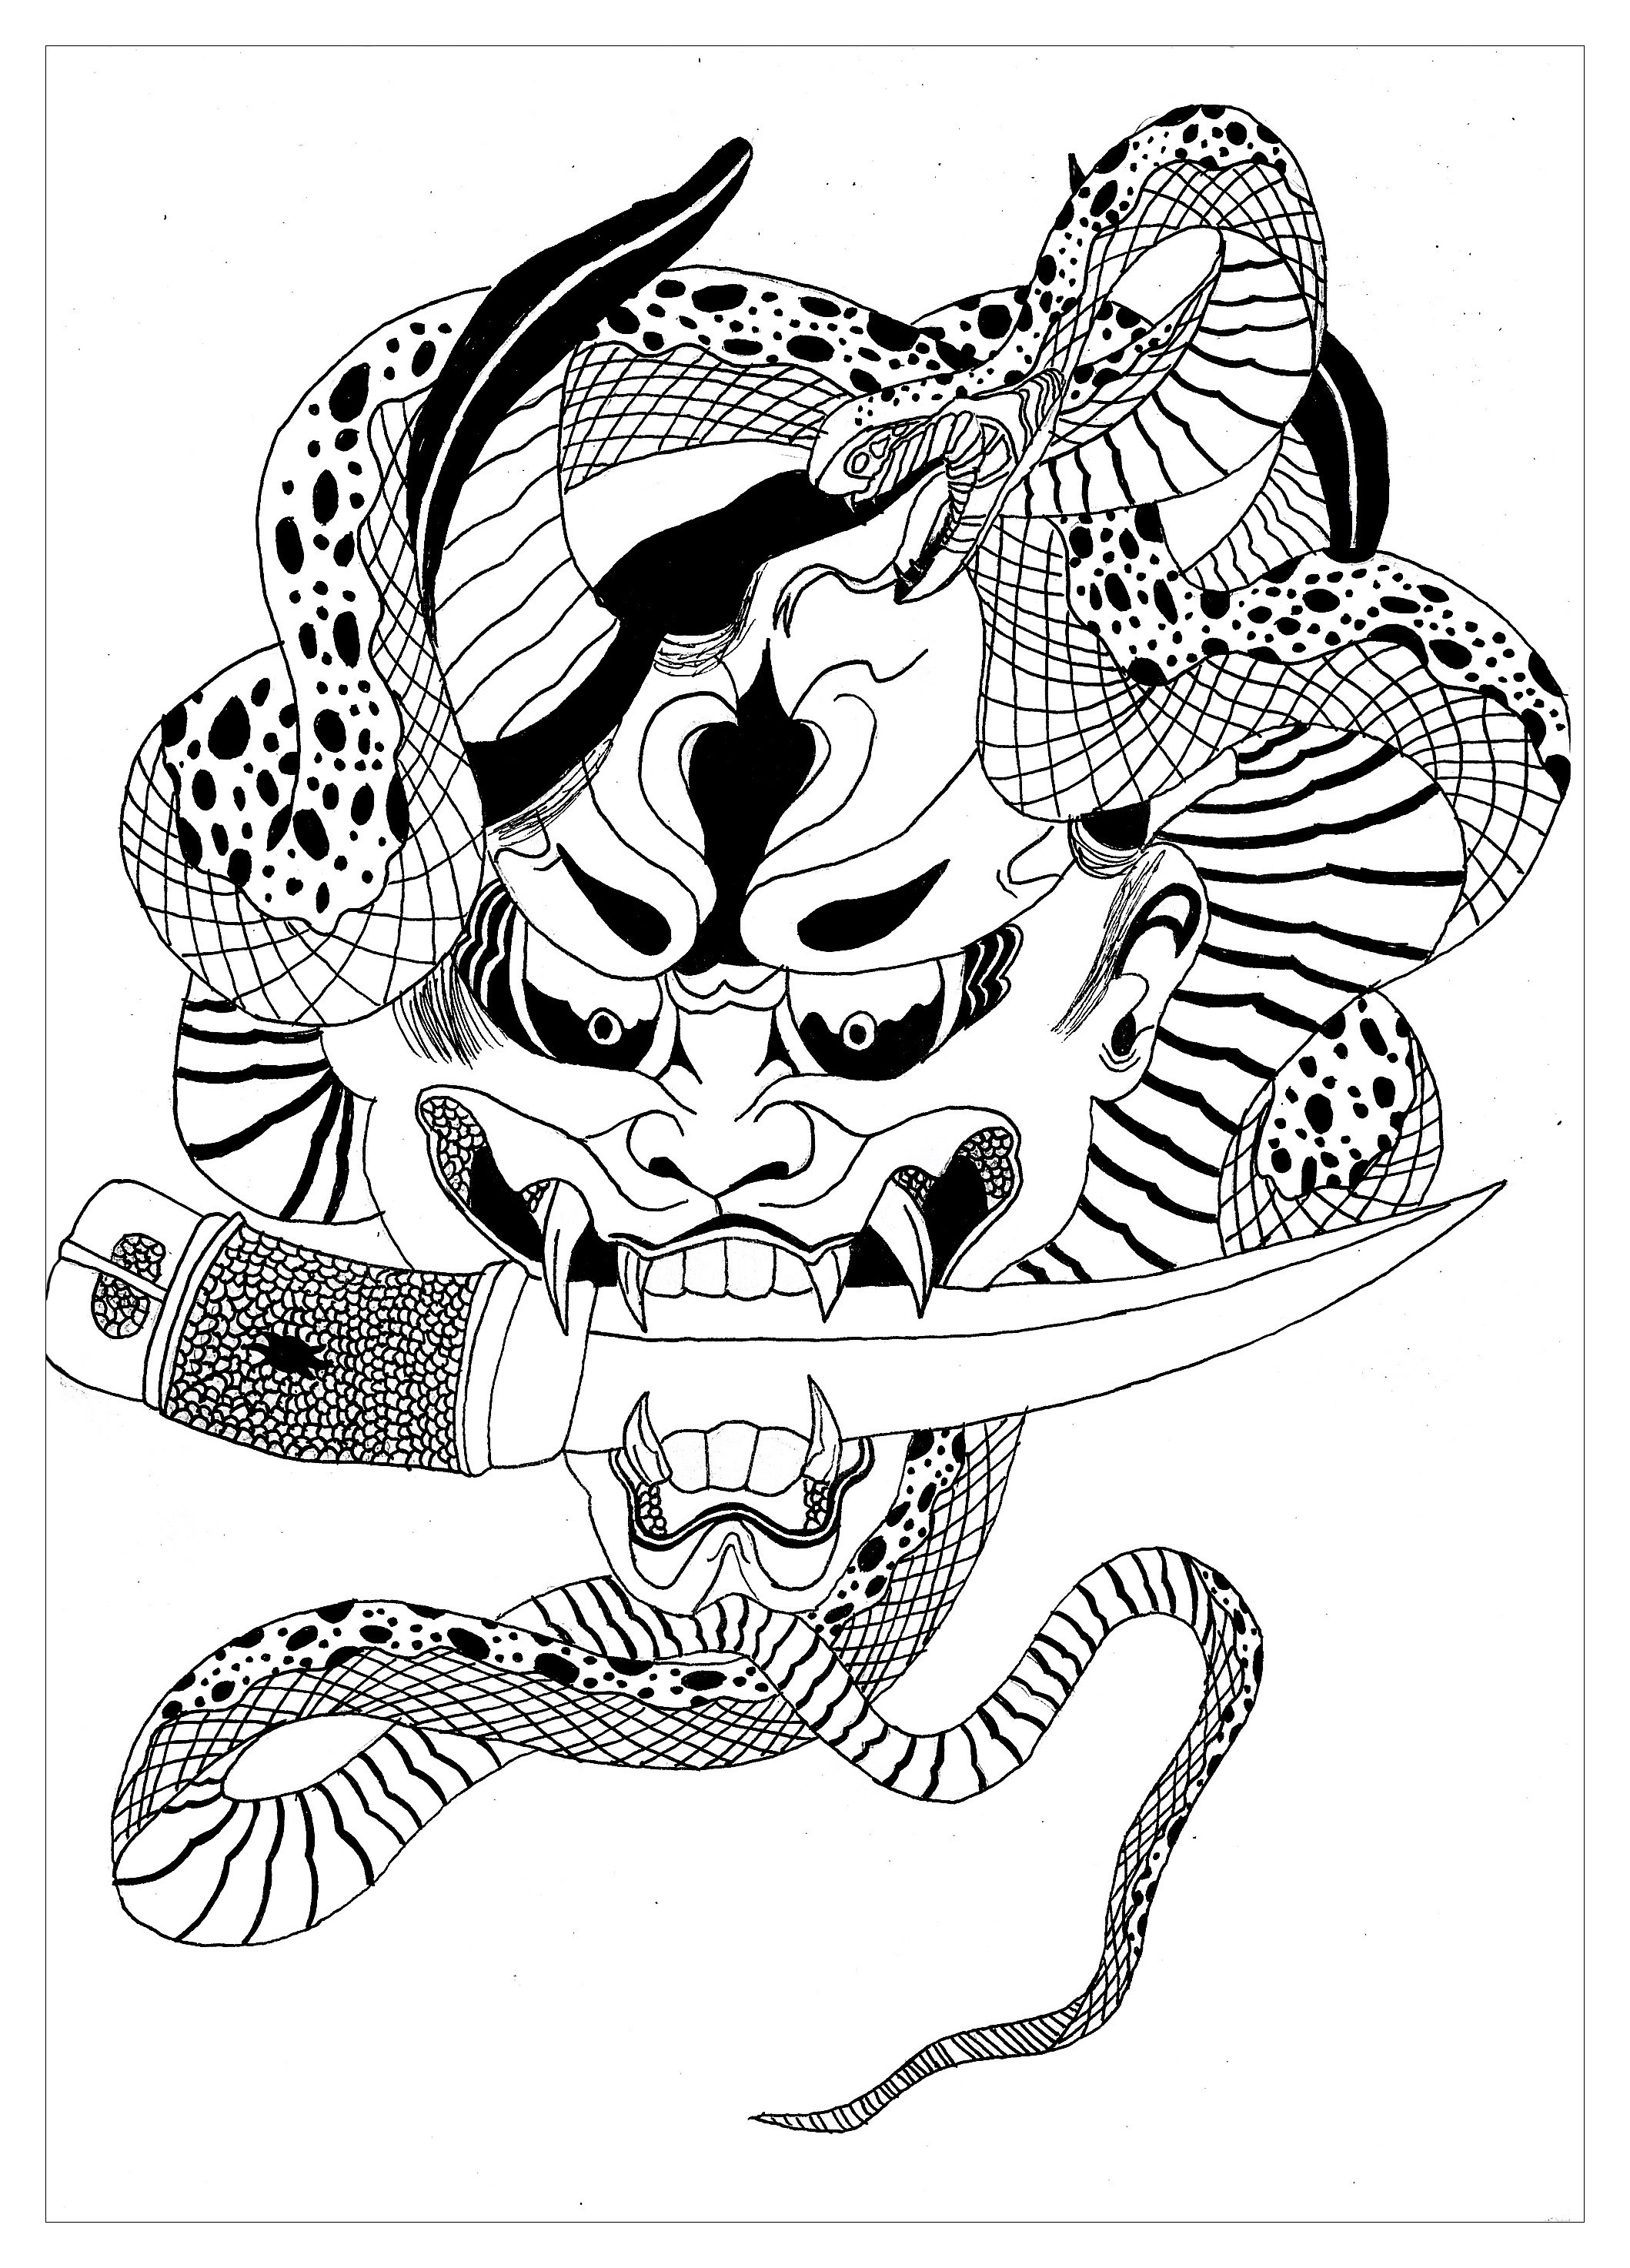 D mon hannya japonais krissy japon coloriages difficiles pour adultes - Dragon japonais dessin ...